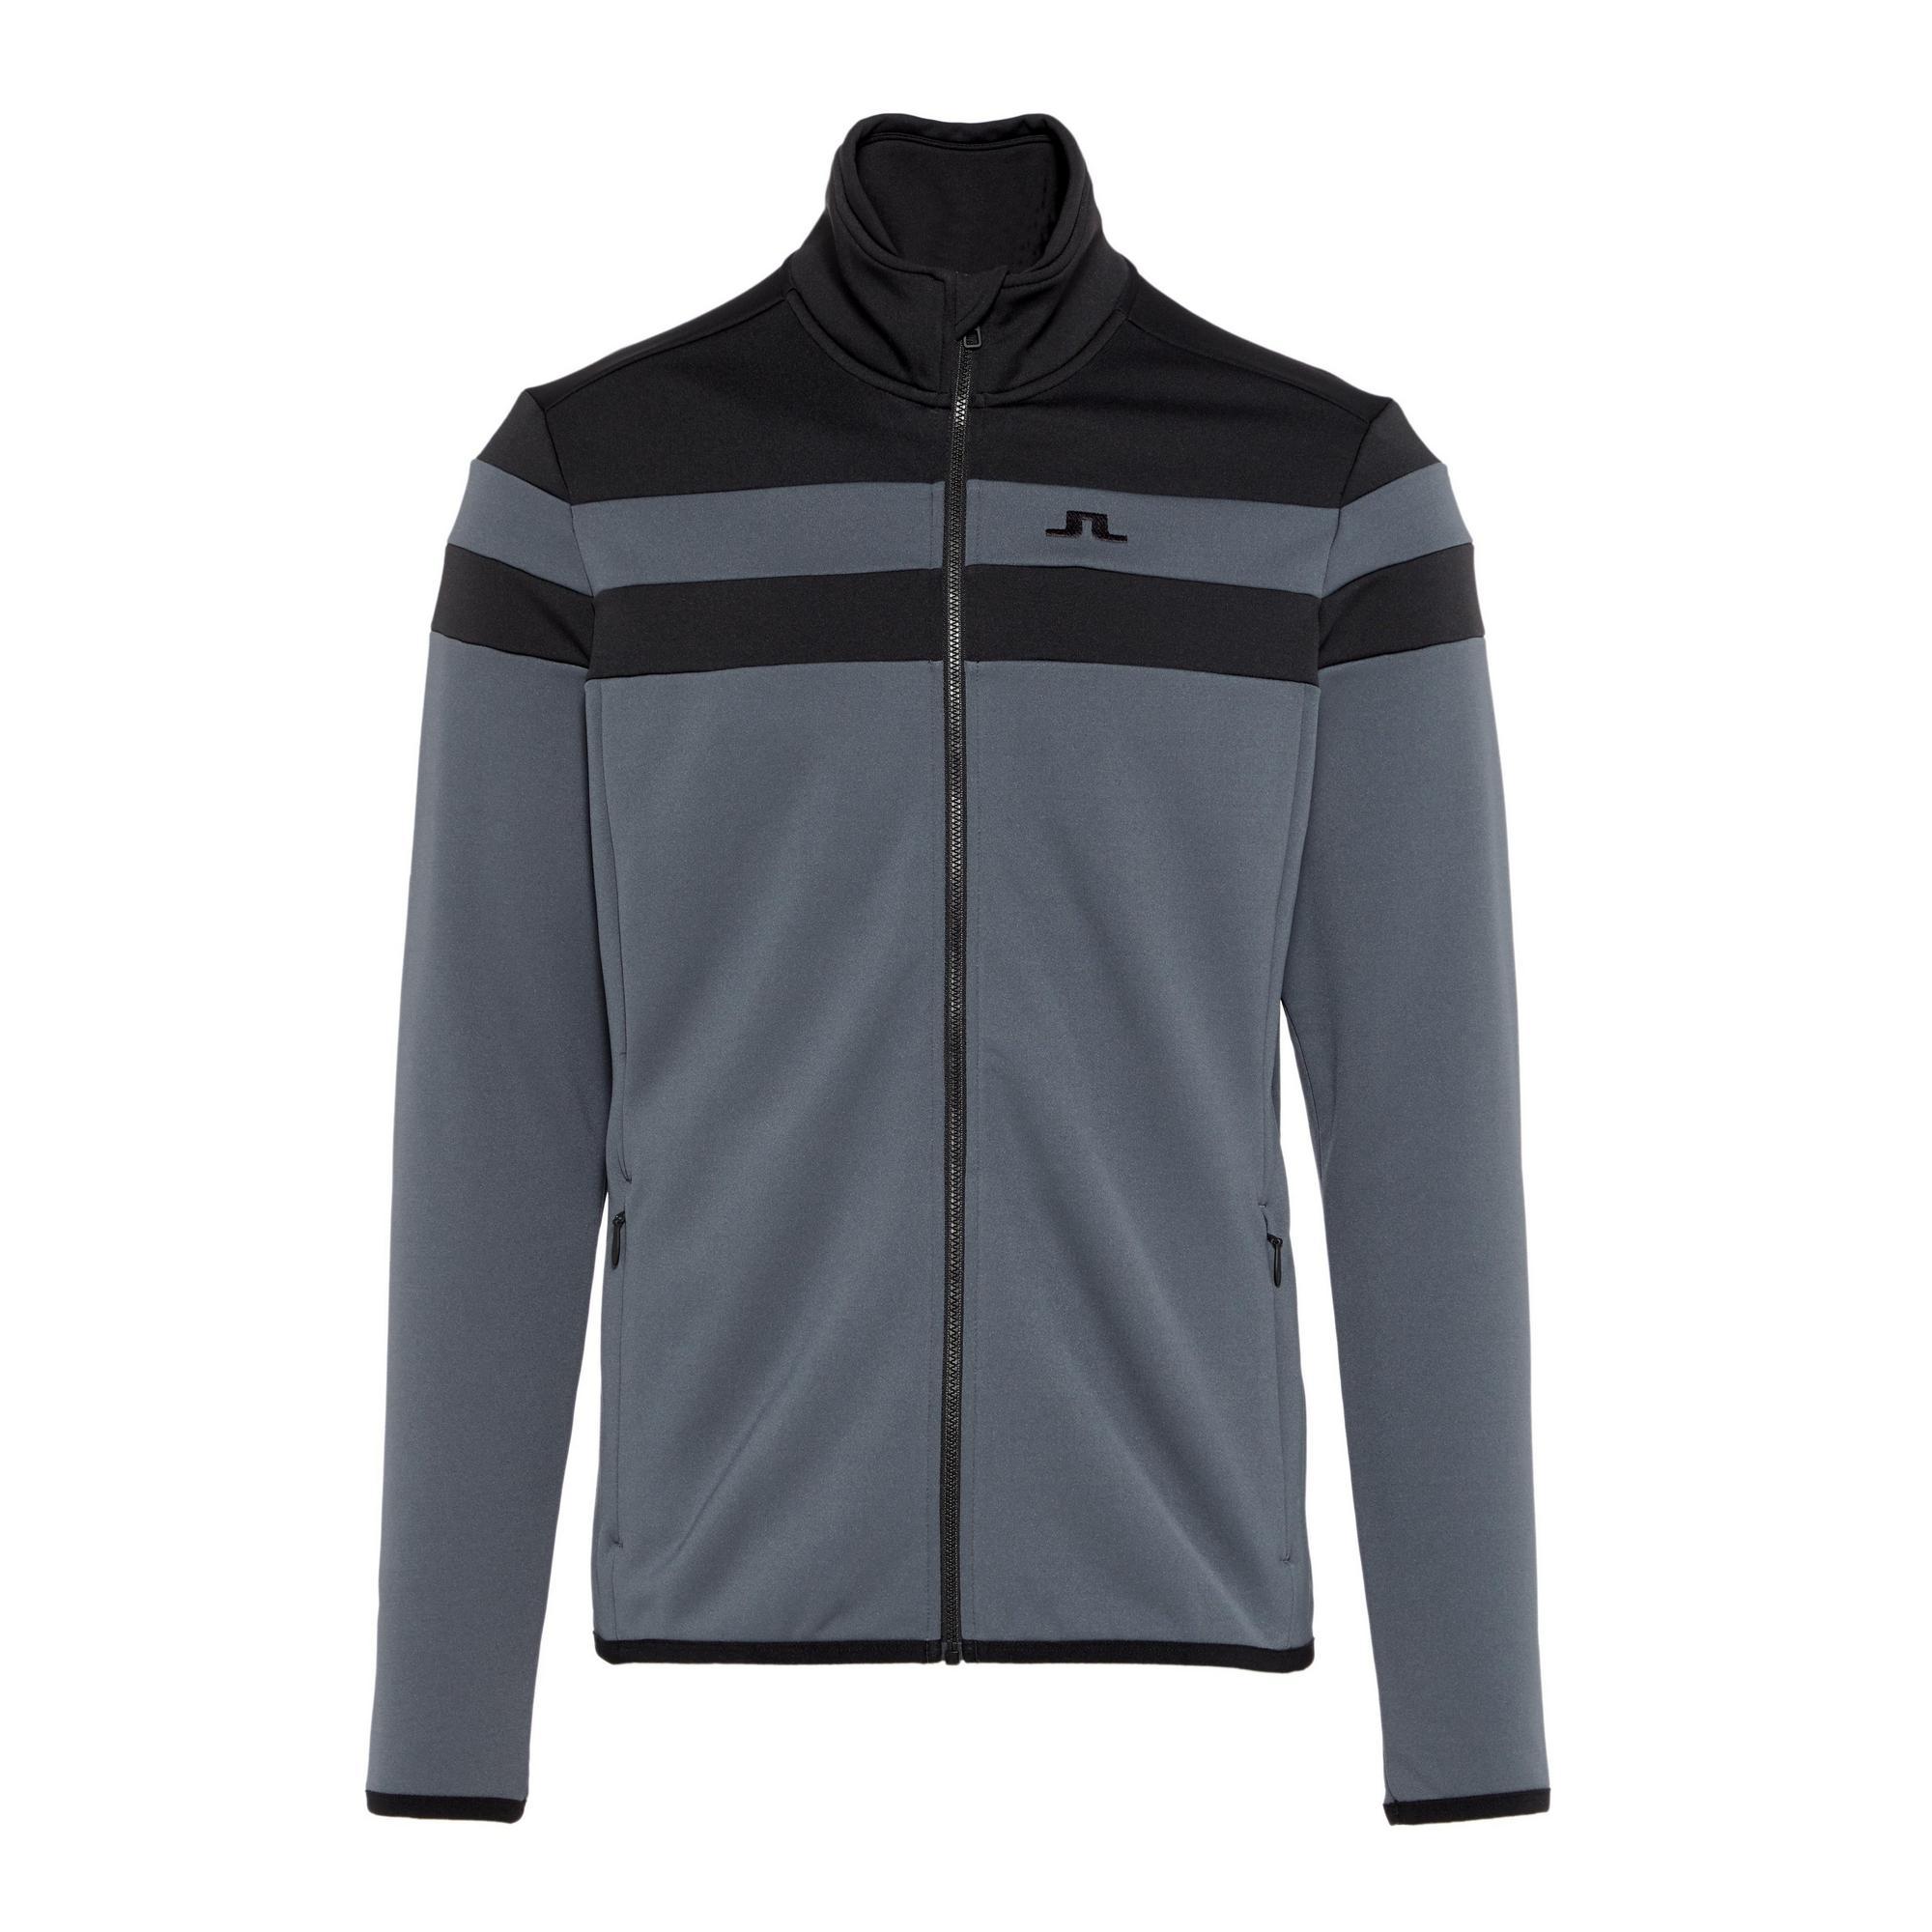 Men's Moffit Tech Full Zip Jacket